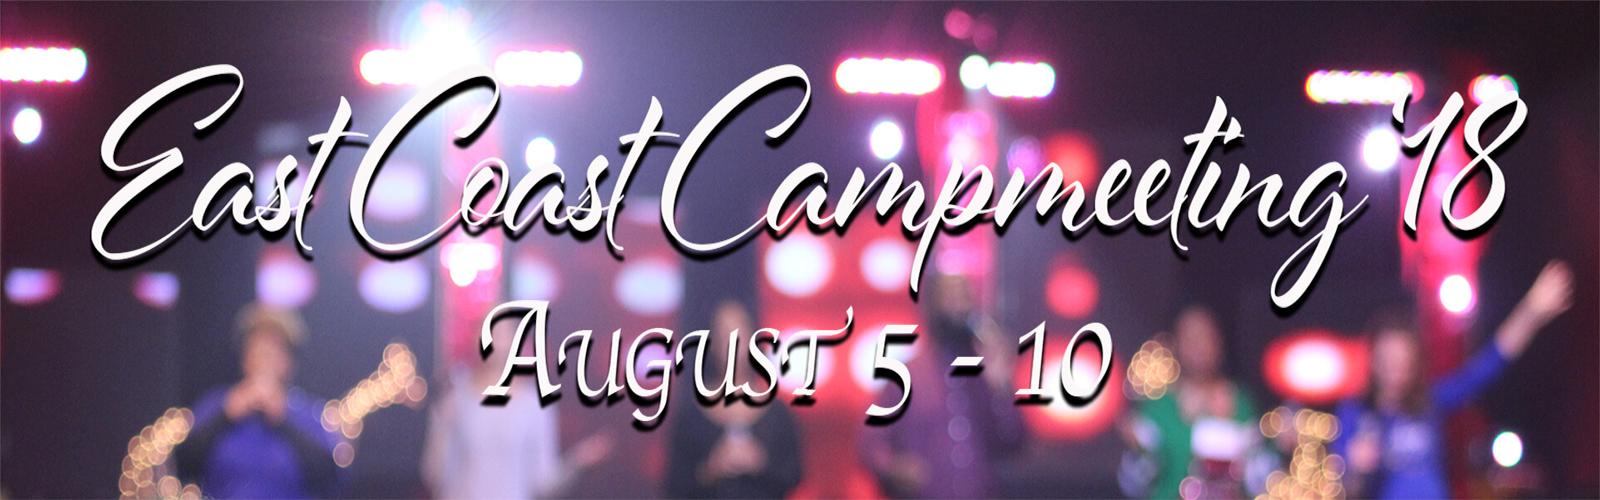 Campmeeting 2018